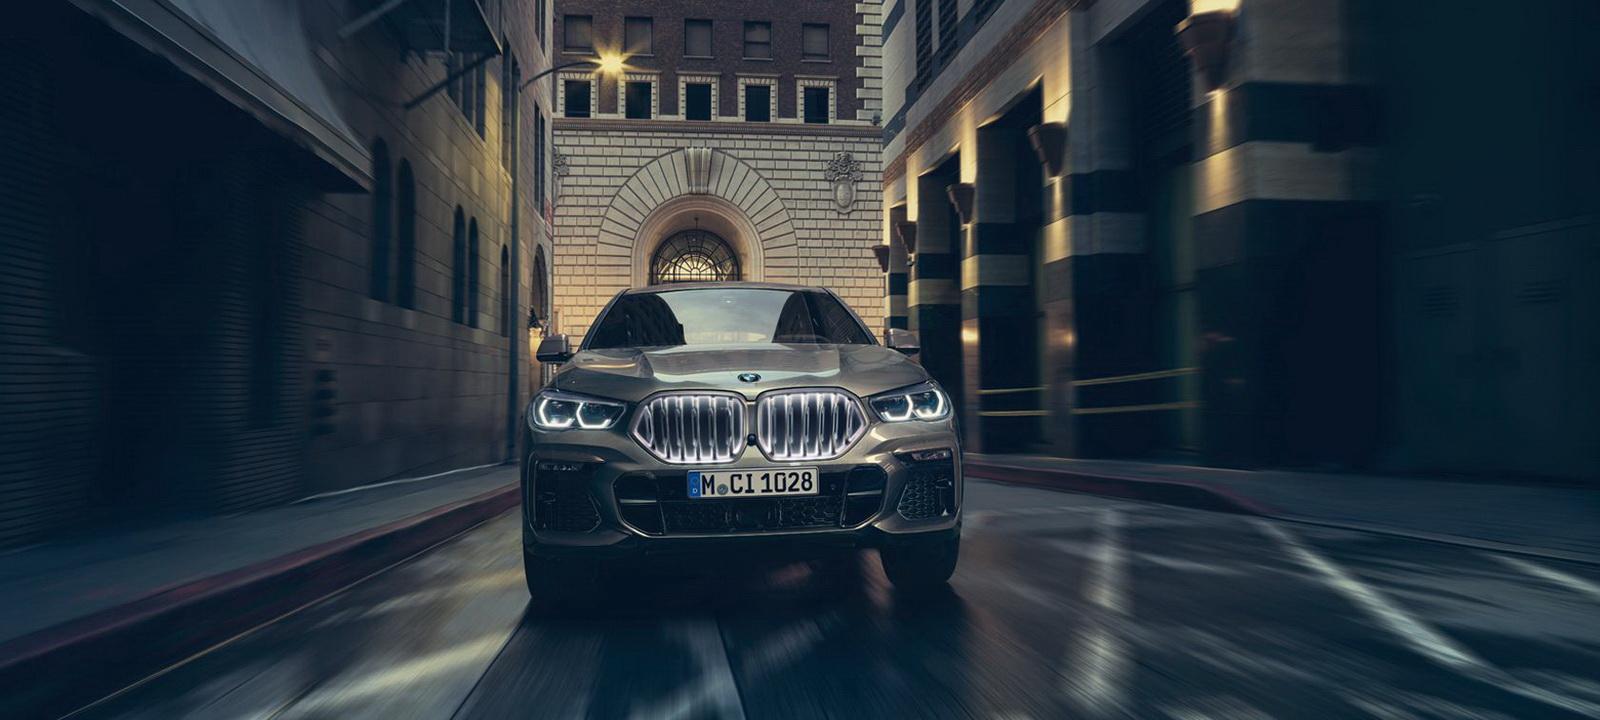 圖/2020 BMW X6 xDrive40i搭載3.0升BMW TwinPower Turbo直列六缸汽油引擎、峰值扭力為45.9kgm,0~100km/h加速僅需短短5.5秒。